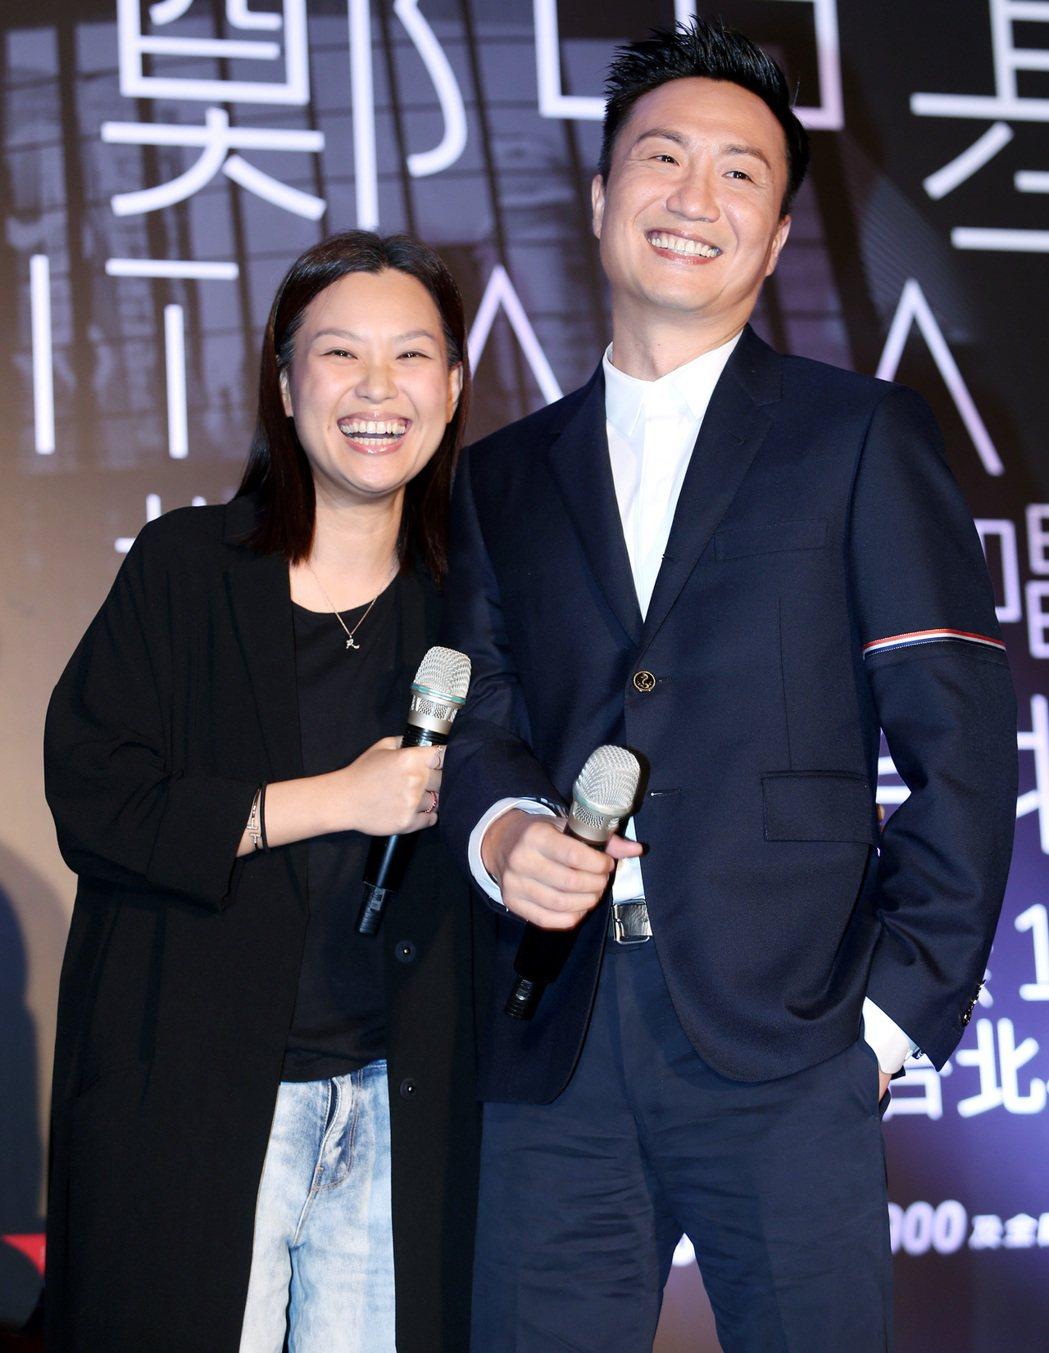 鄭中基(右)舉行記者會,太太余思敏(左)意外現身舞台。記者侯永全/攝影